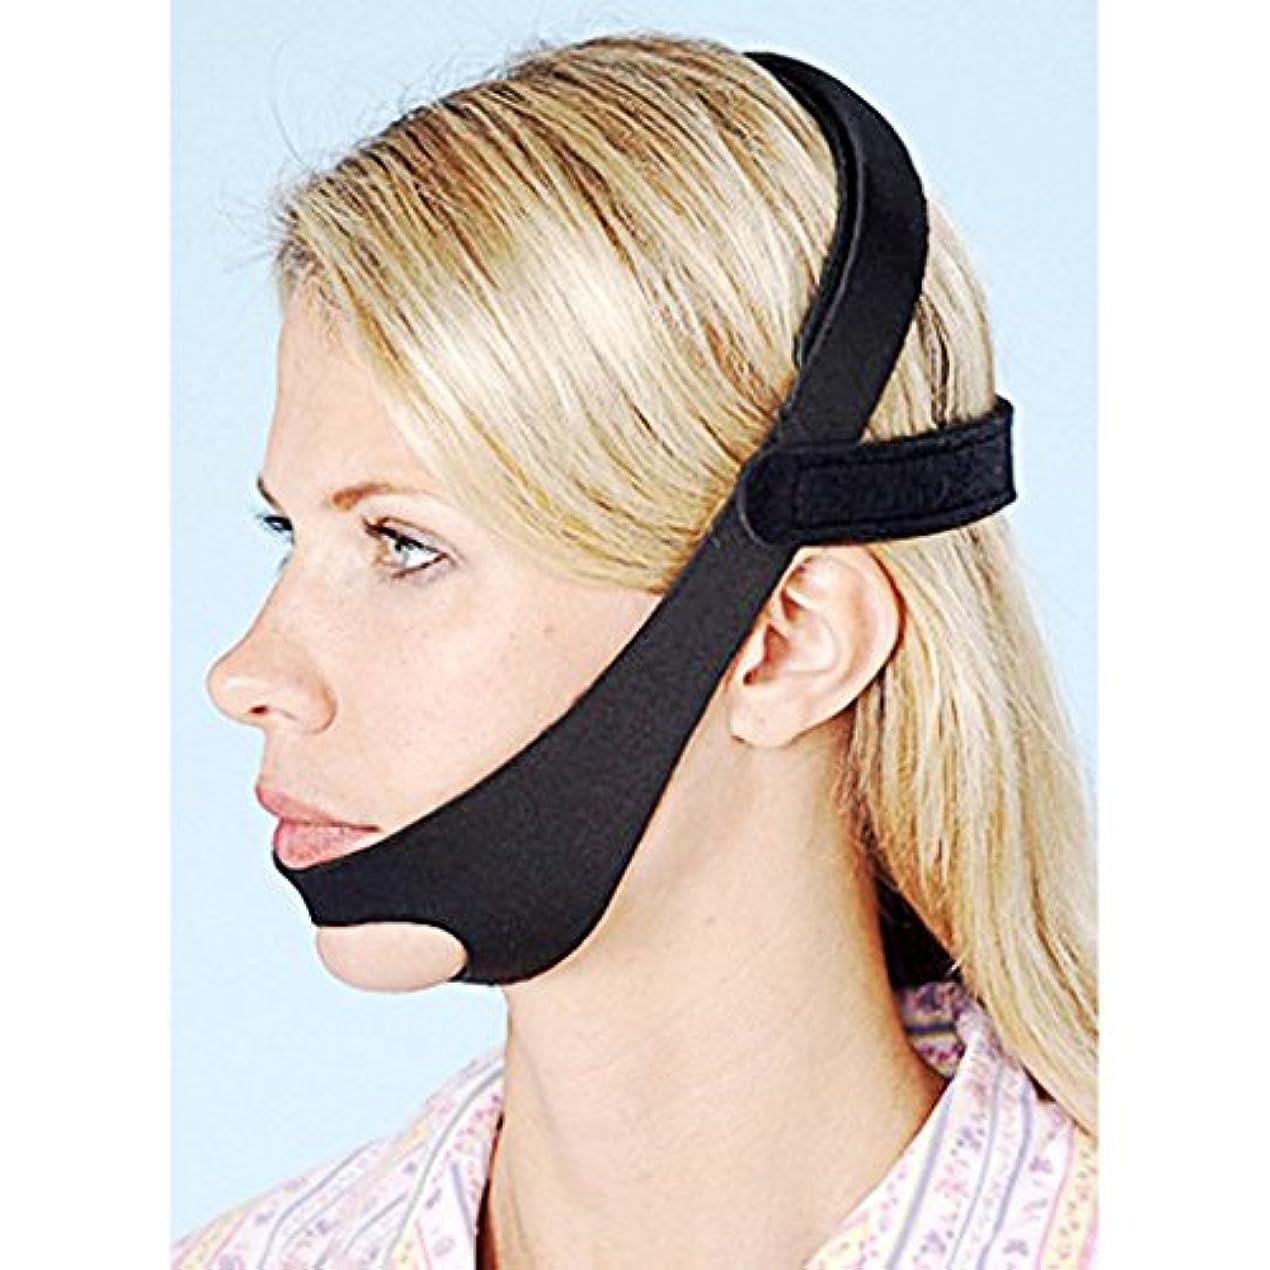 宣言肘掛け椅子爬虫類DH 2018新しくいびき予防|調整可能なアンチSnoringチンストラップは、男性と女性のためにいびきのいびきSnore Relief Jaw Support Stop Snoring Solution DAHAN